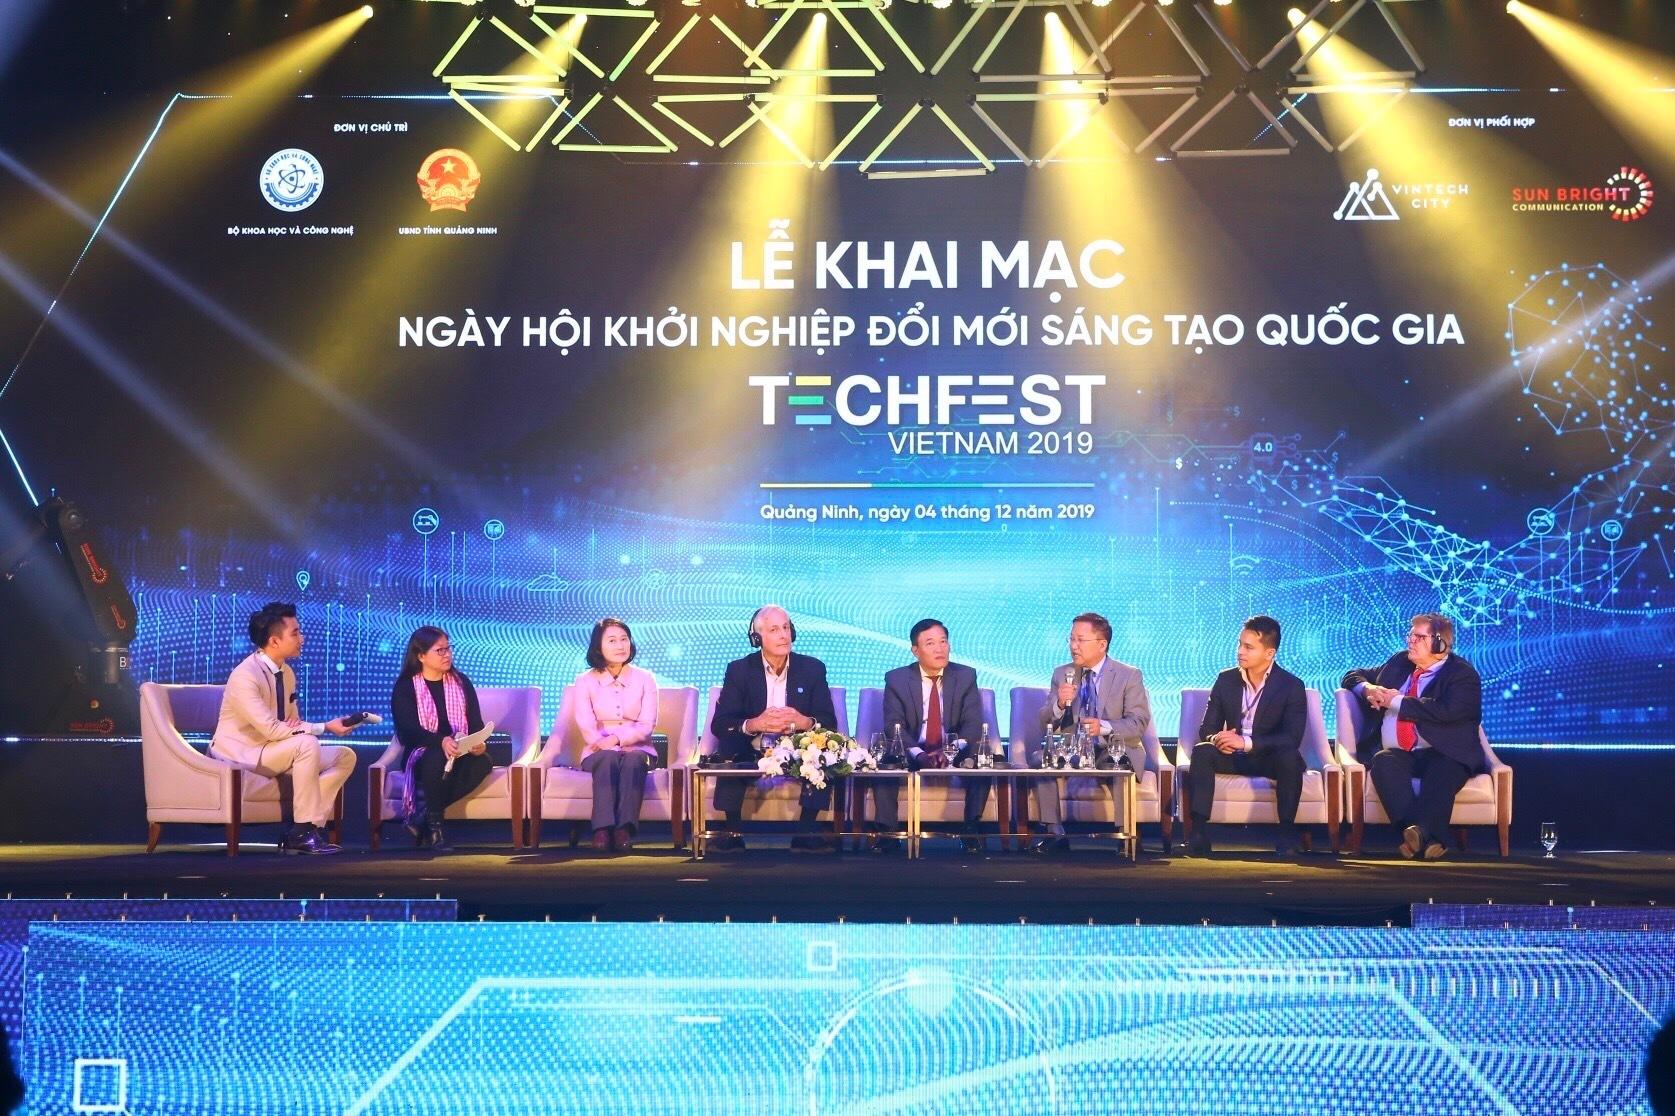 Ngày hội khởi nghiệp đổi mới sáng tạo quốc gia năm 2019